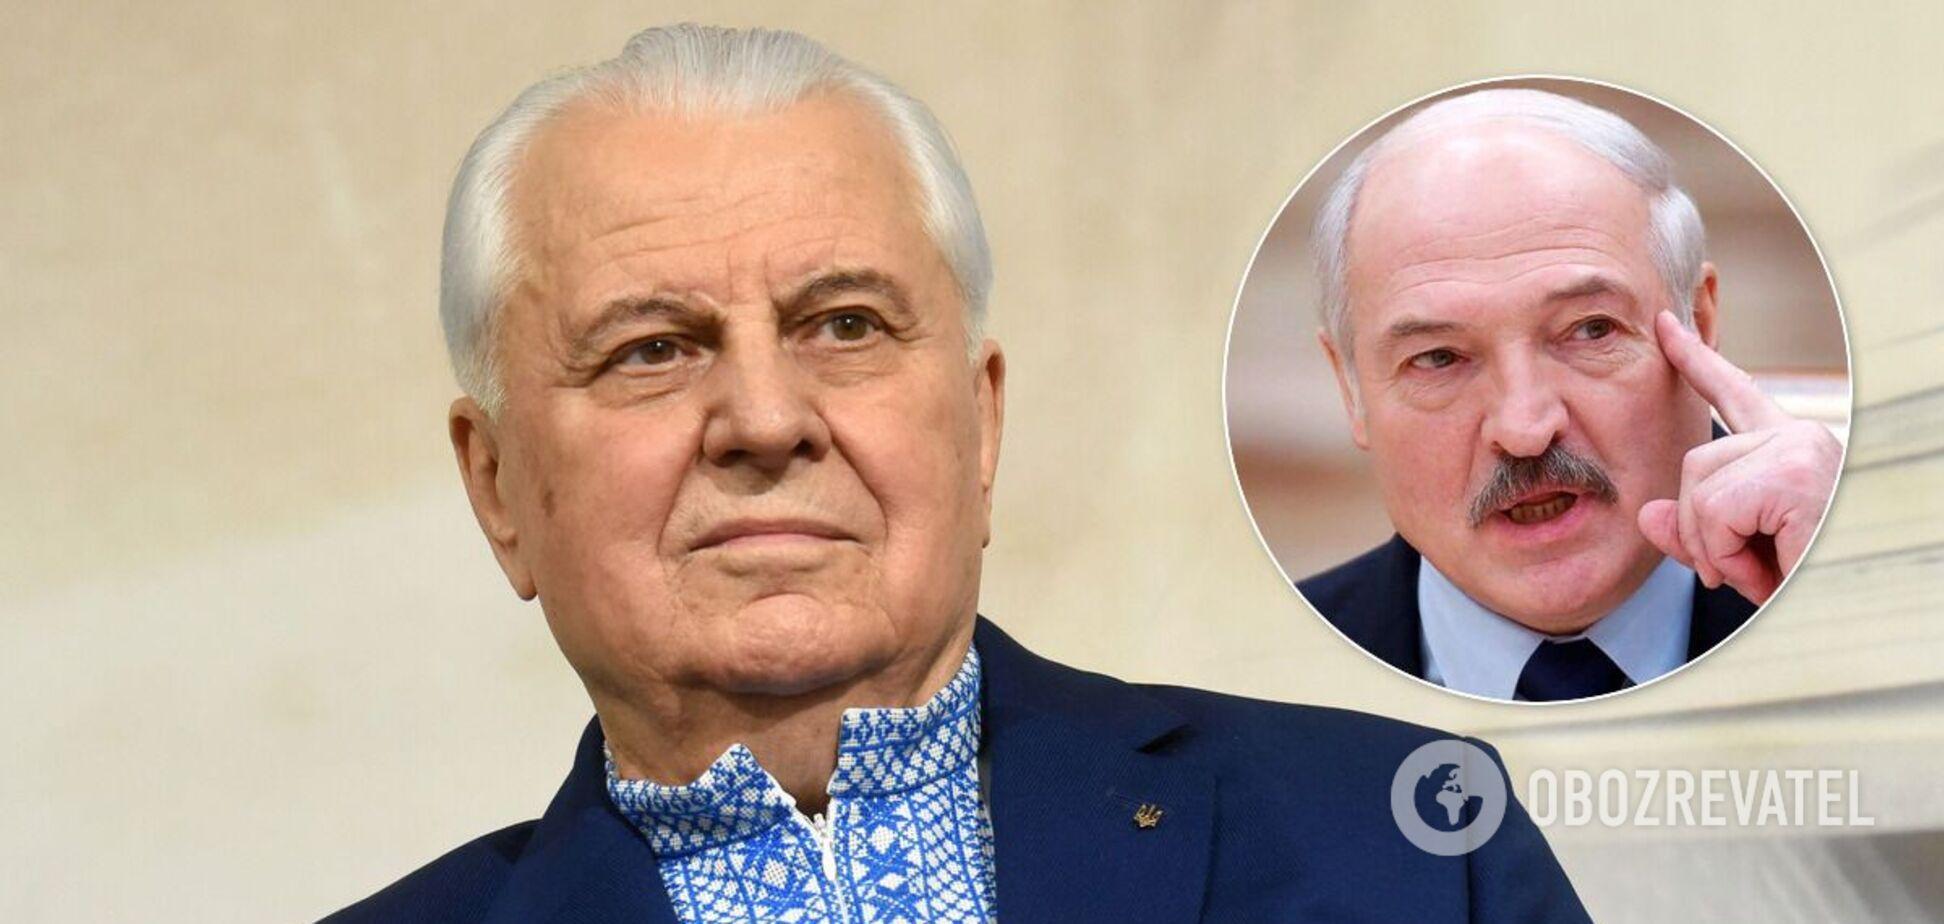 Леонід Кравчук прокоментував протести проти Олександра Лукашенка. Джерело: Колаж